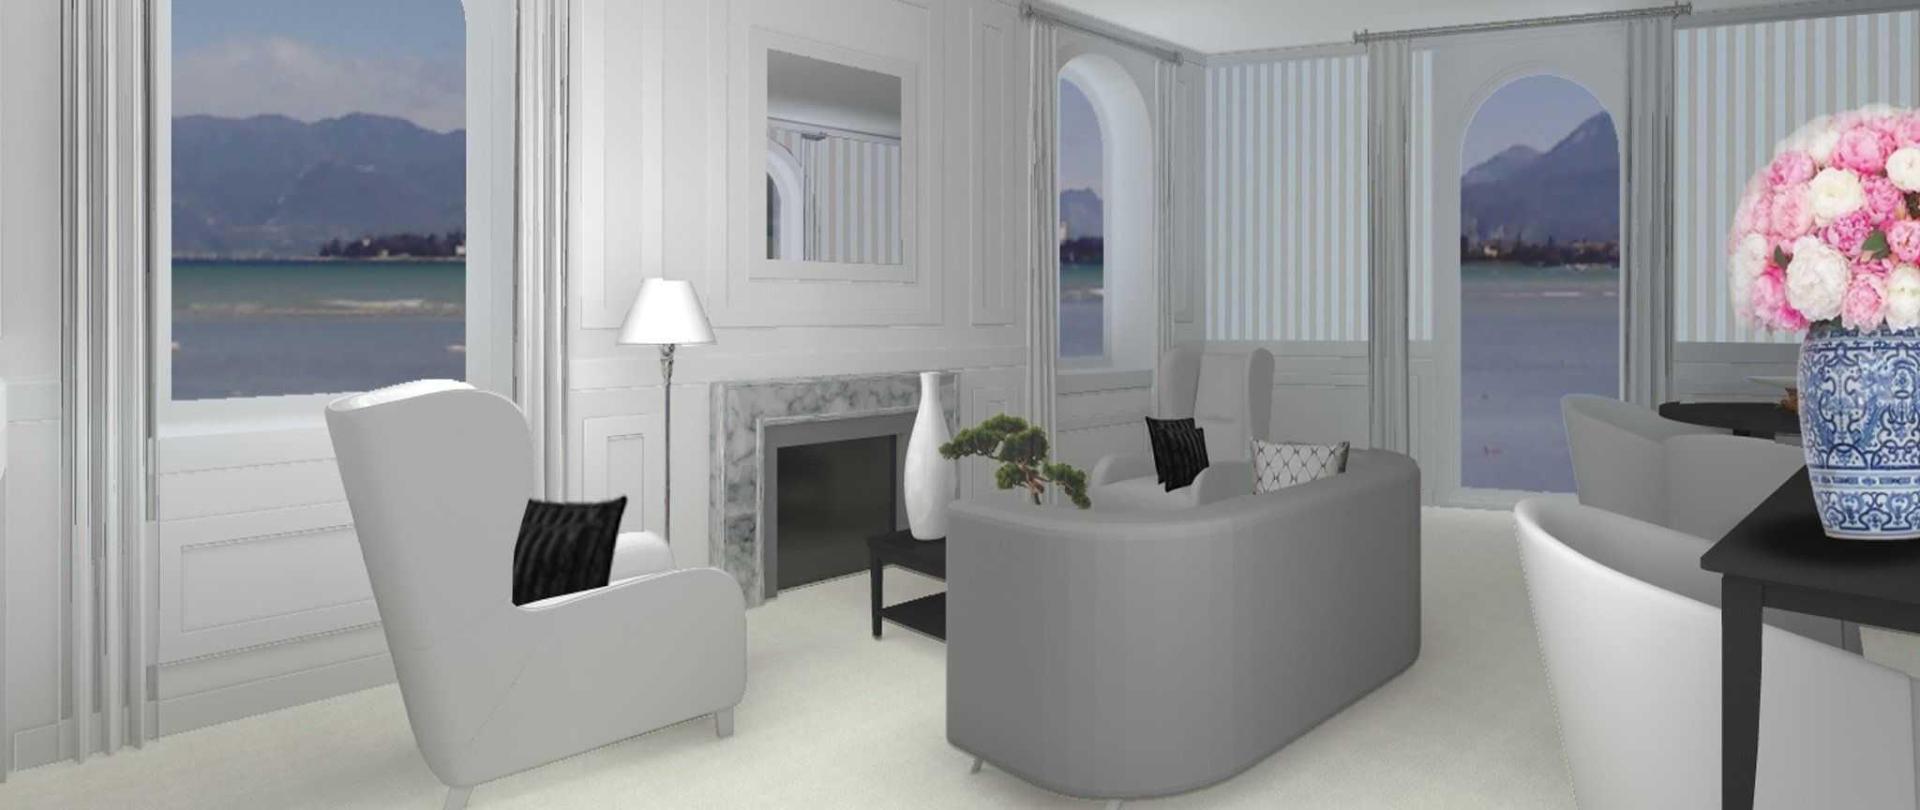 suite-marialuisa1.jpg